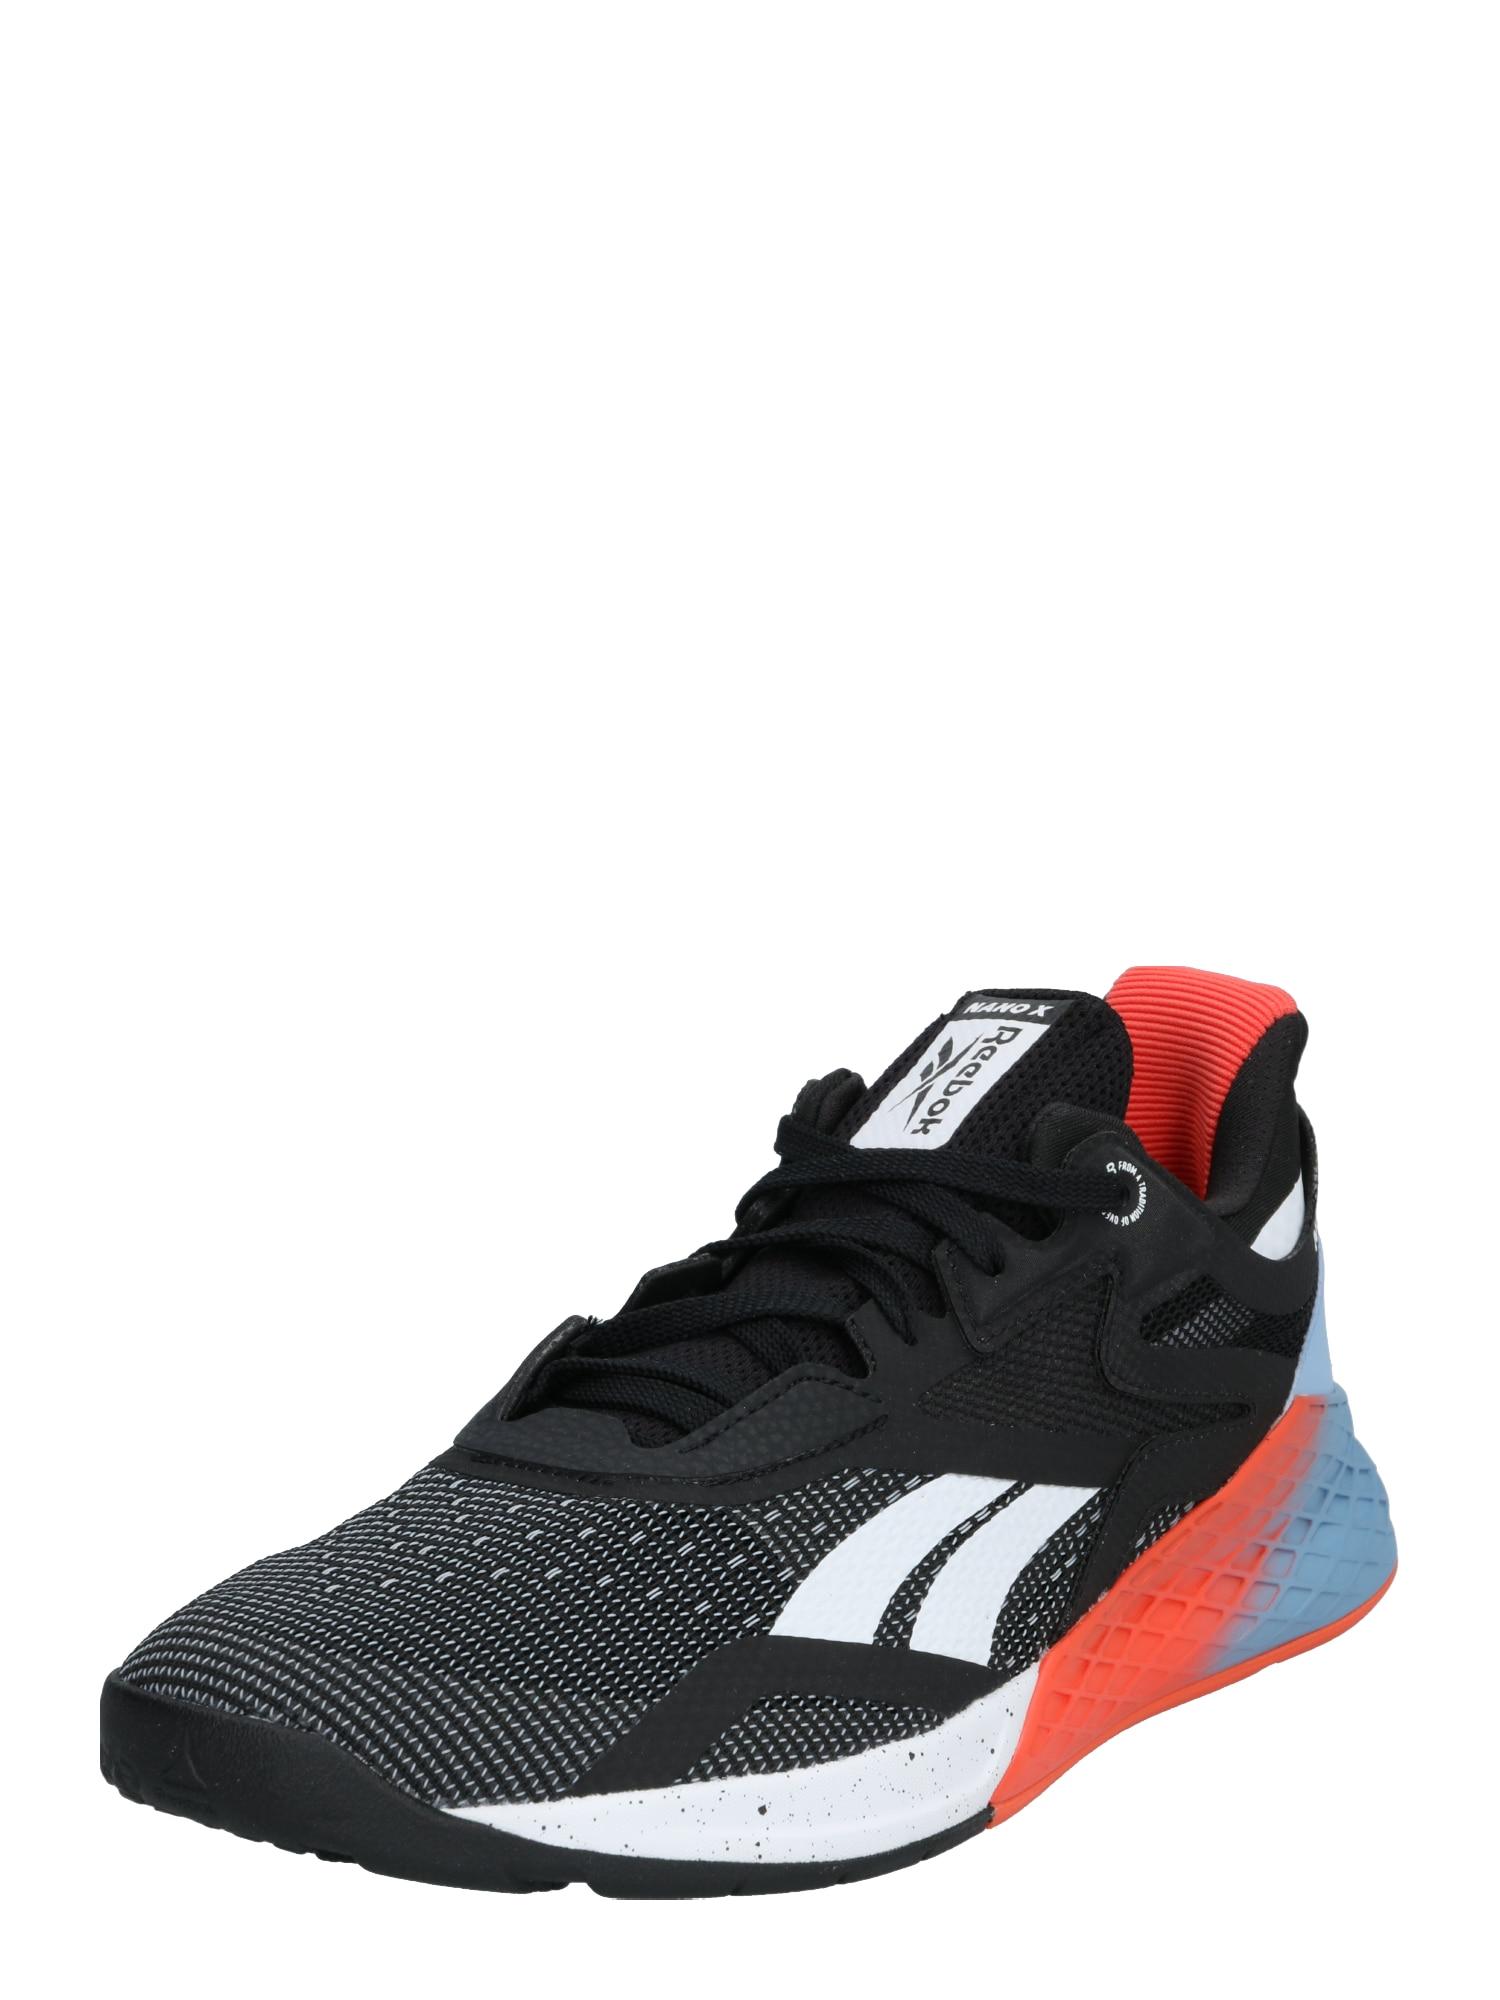 REEBOK Bėgimo batai 'Nano X' juoda